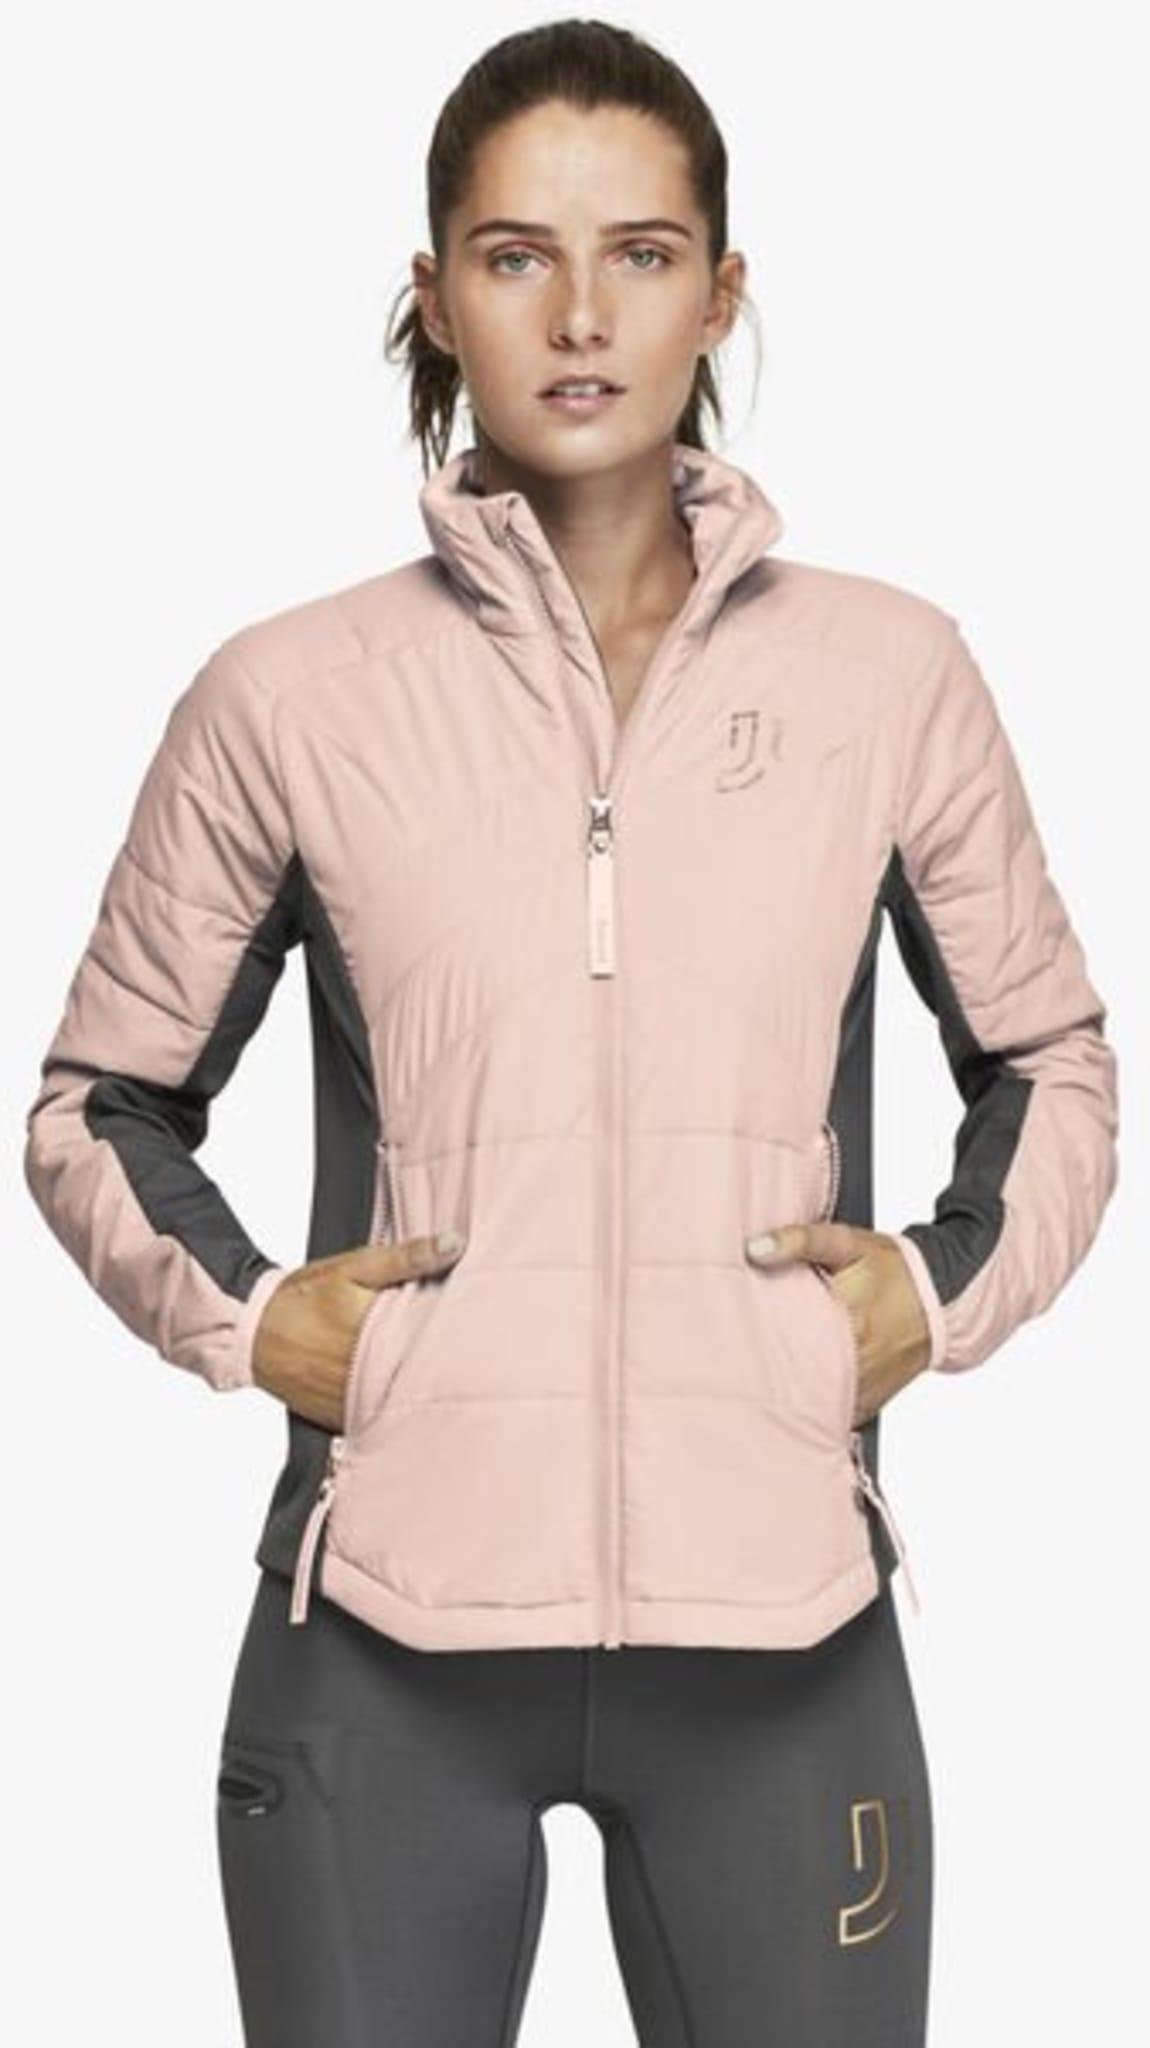 Feminin og sporty liner jakke med Primaloft® Silver isolasjon. Vindavstøtende front og rygg i kombinasjon med isolering foran holder deg god og varm.